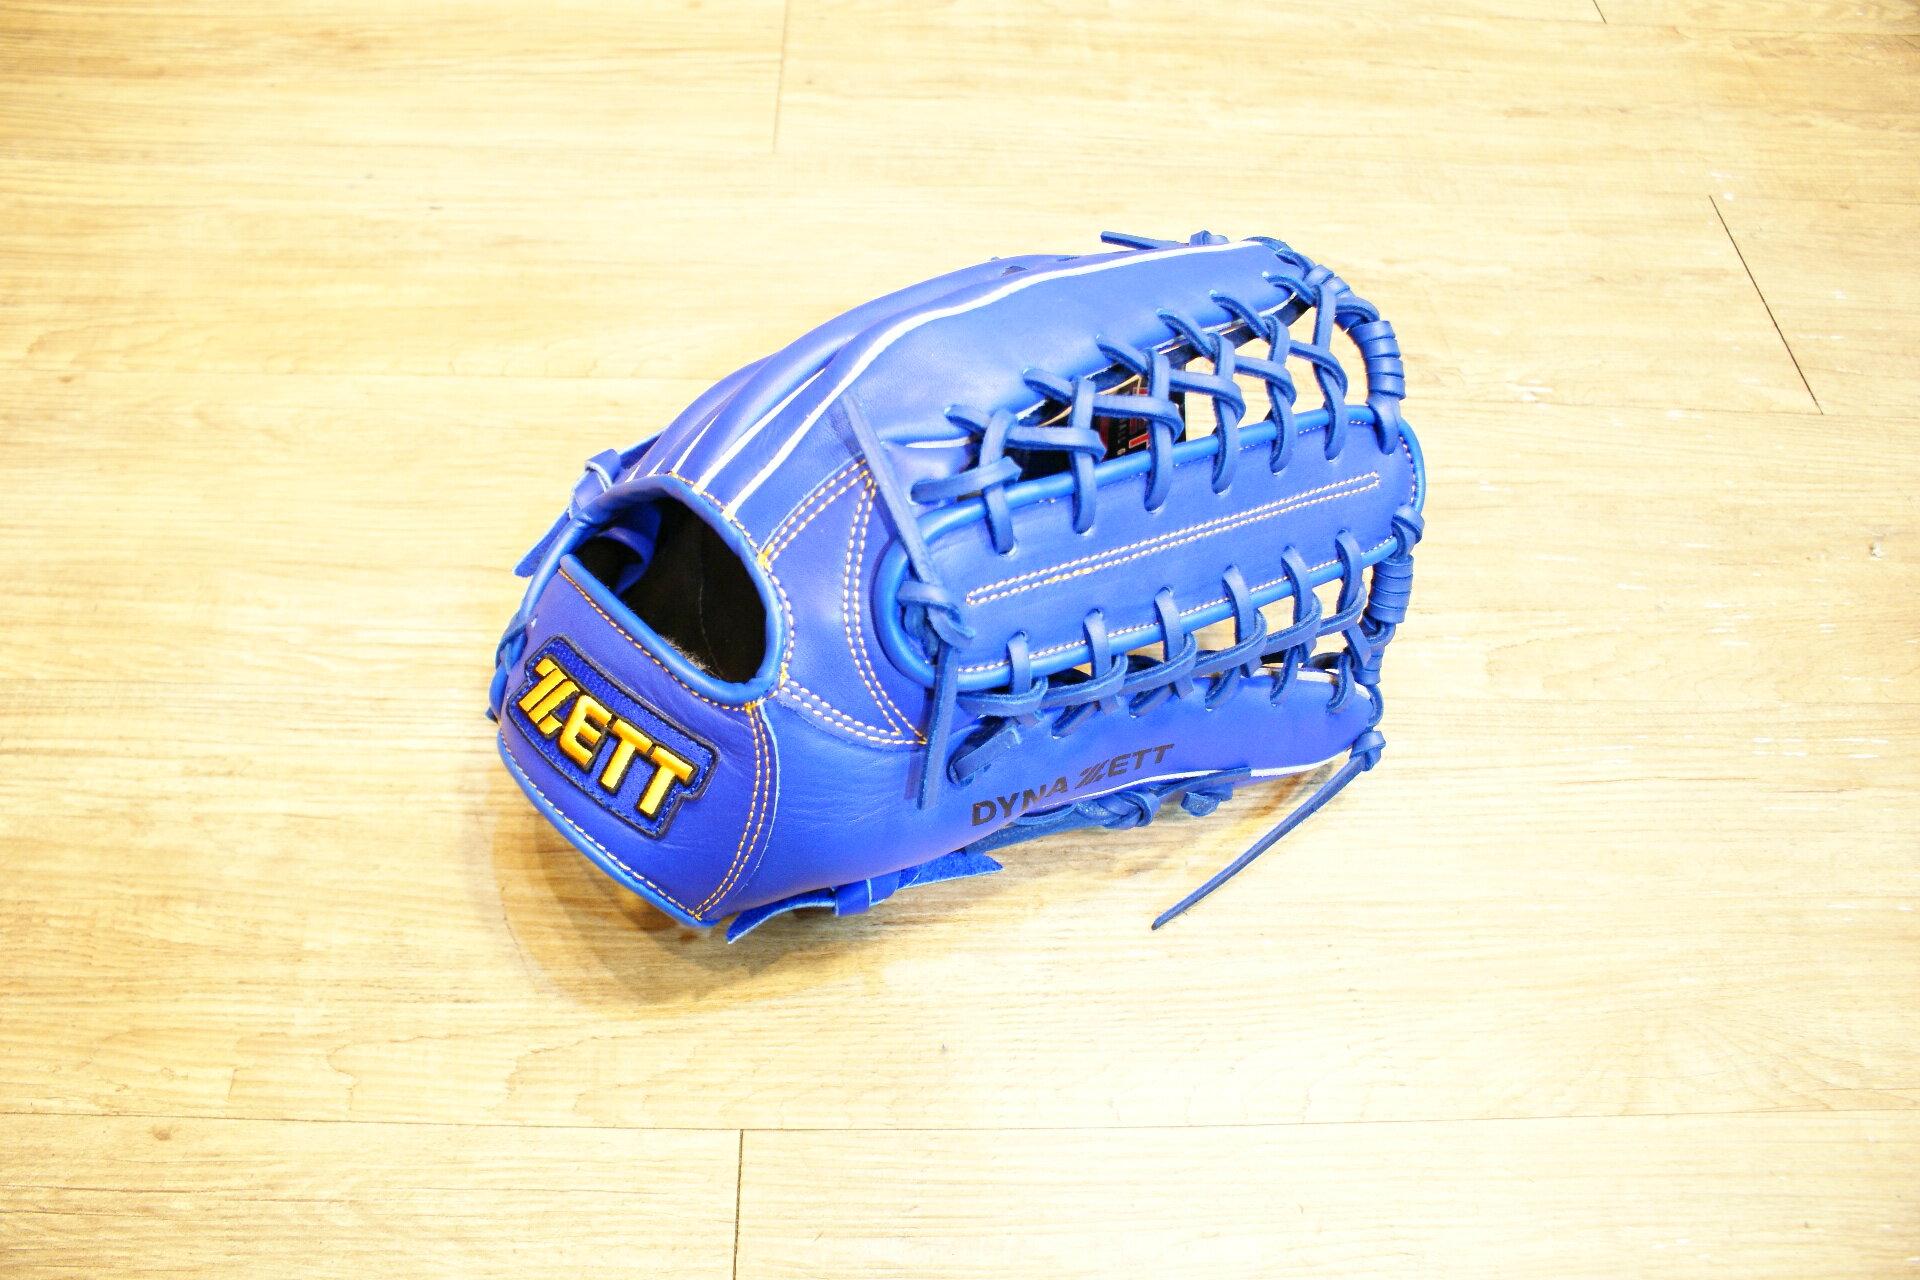 棒球世界 全新ZETT棒球外野手手套 藍色款 特價 牛舌檔